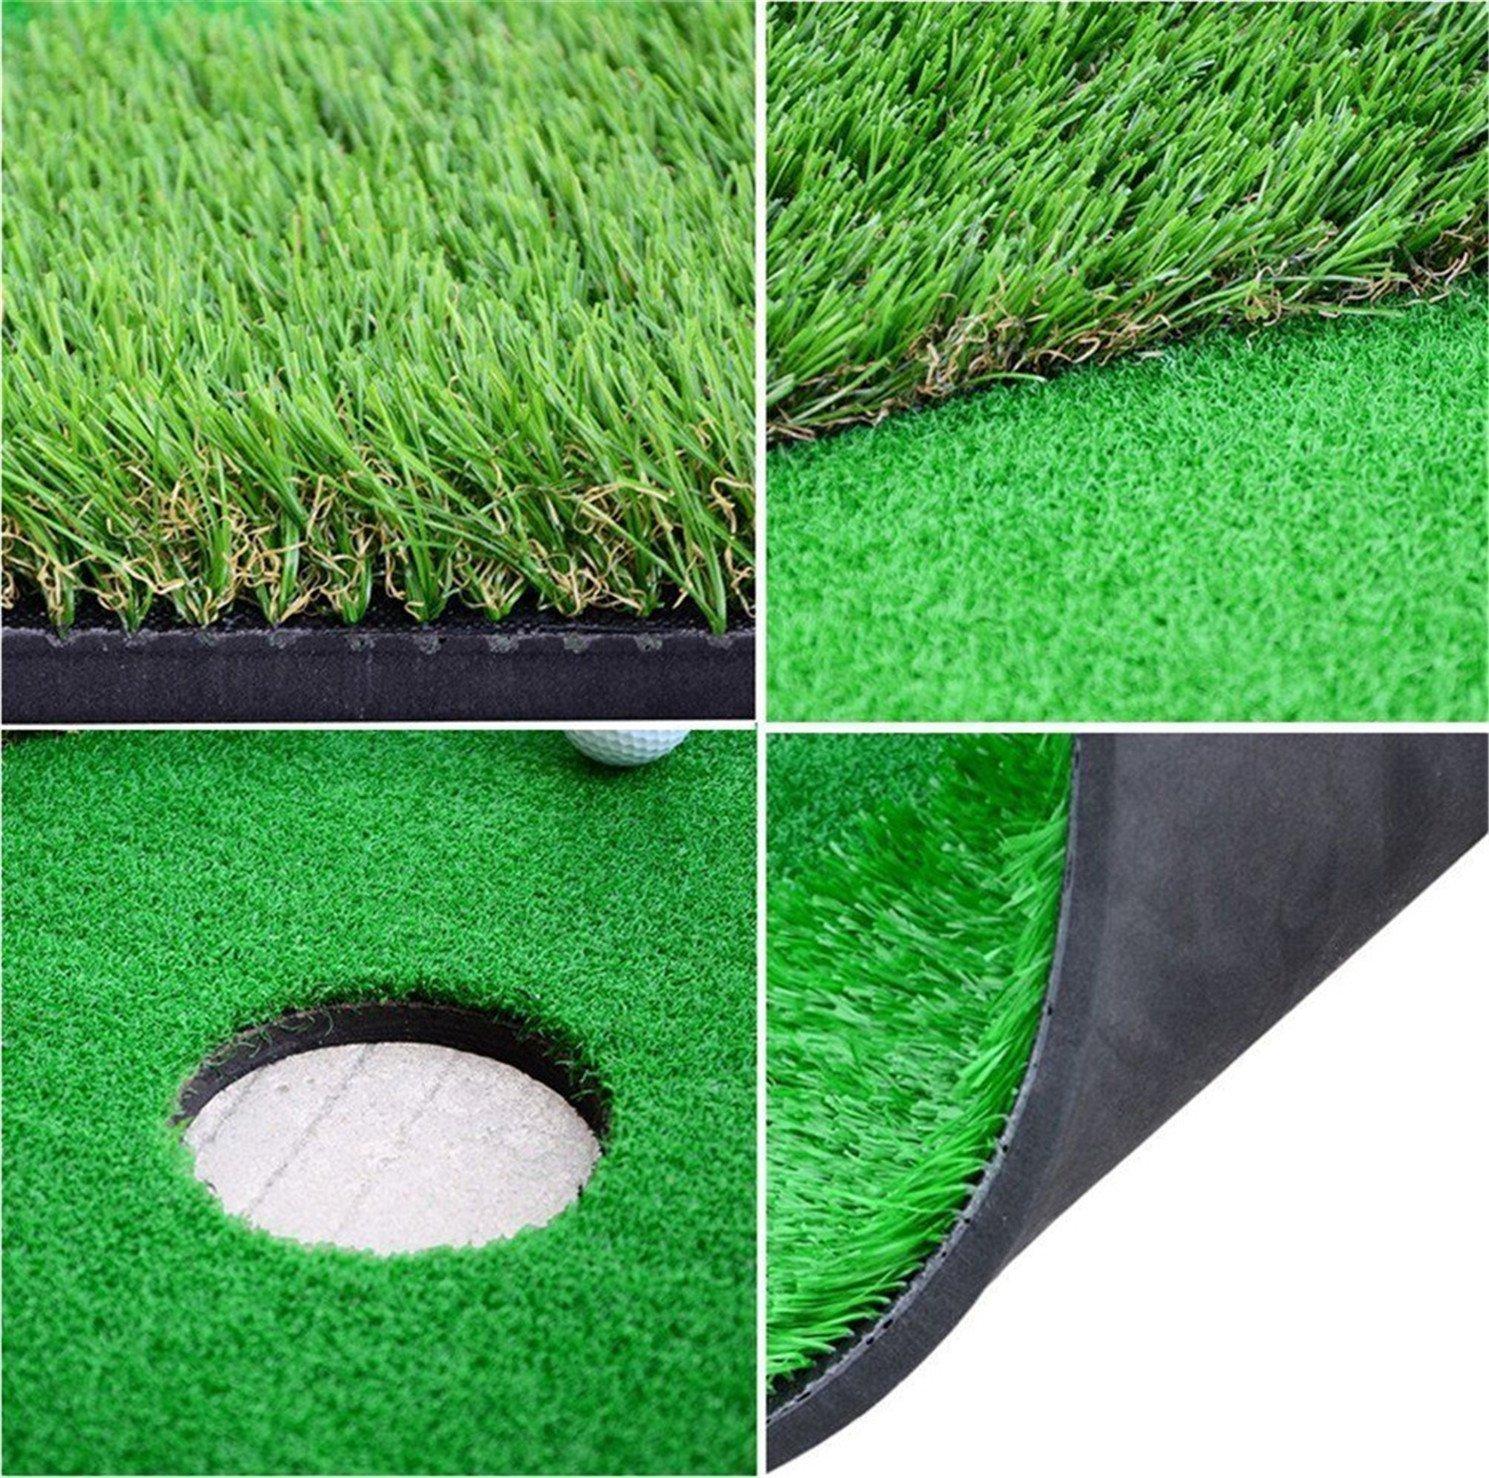 77tech Large Artificial Grass Golf Putting Green Mat Indoor/Outdoor Golf Training Aid Equipment Mat (2.5ftx10ft)